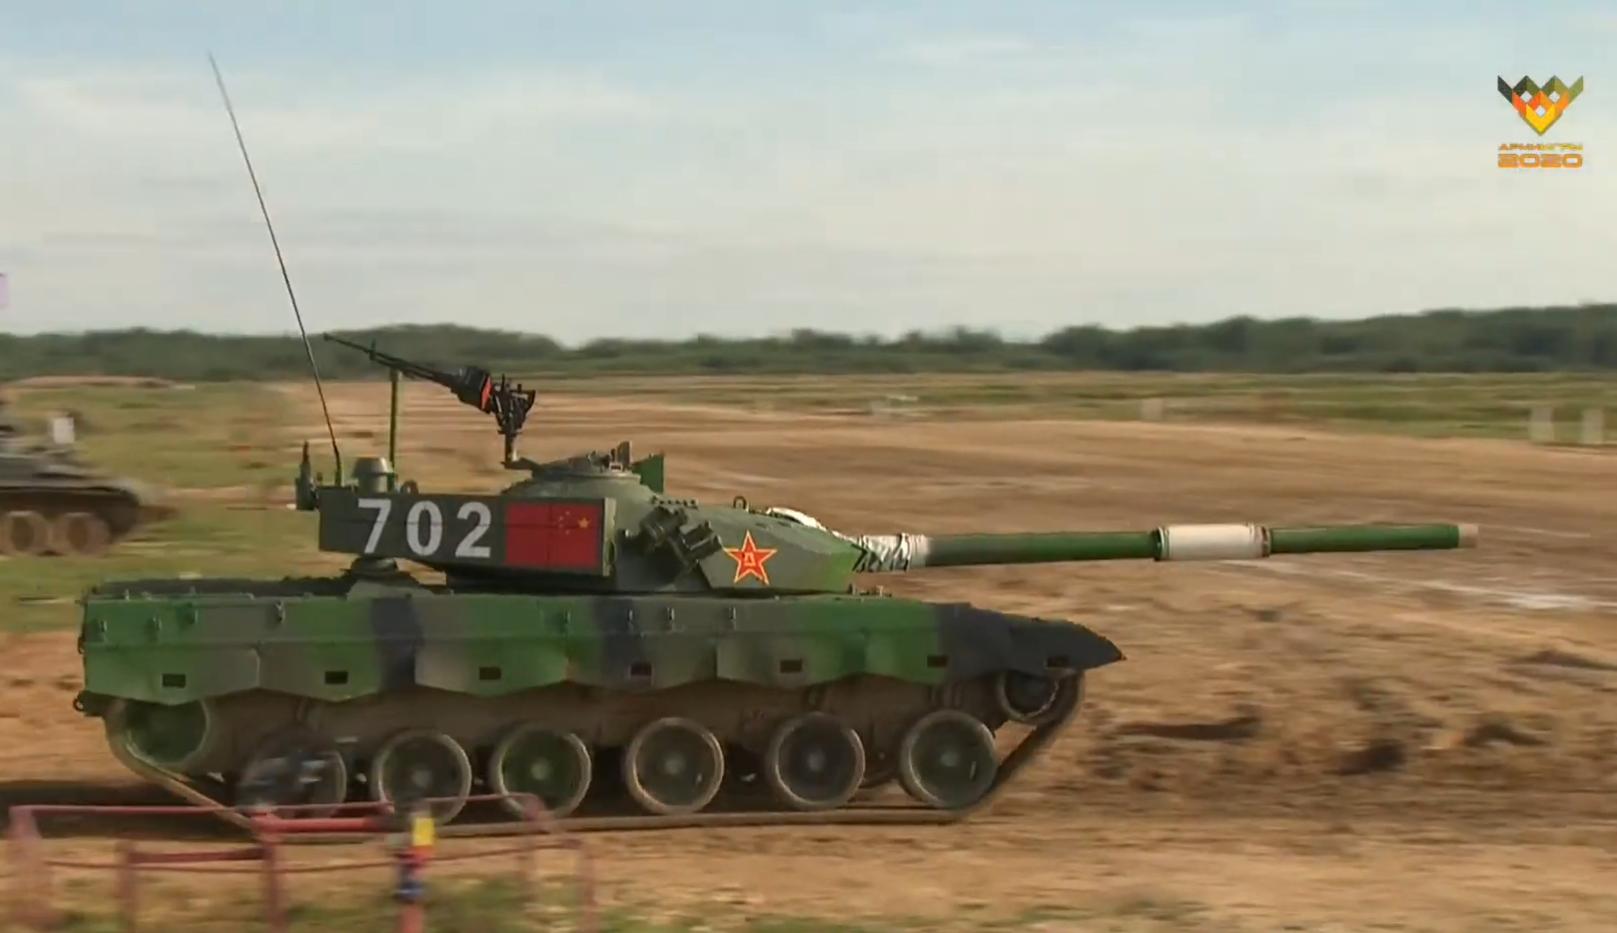 俄专家列出我军96B坦克三大强项这一系统中国独有